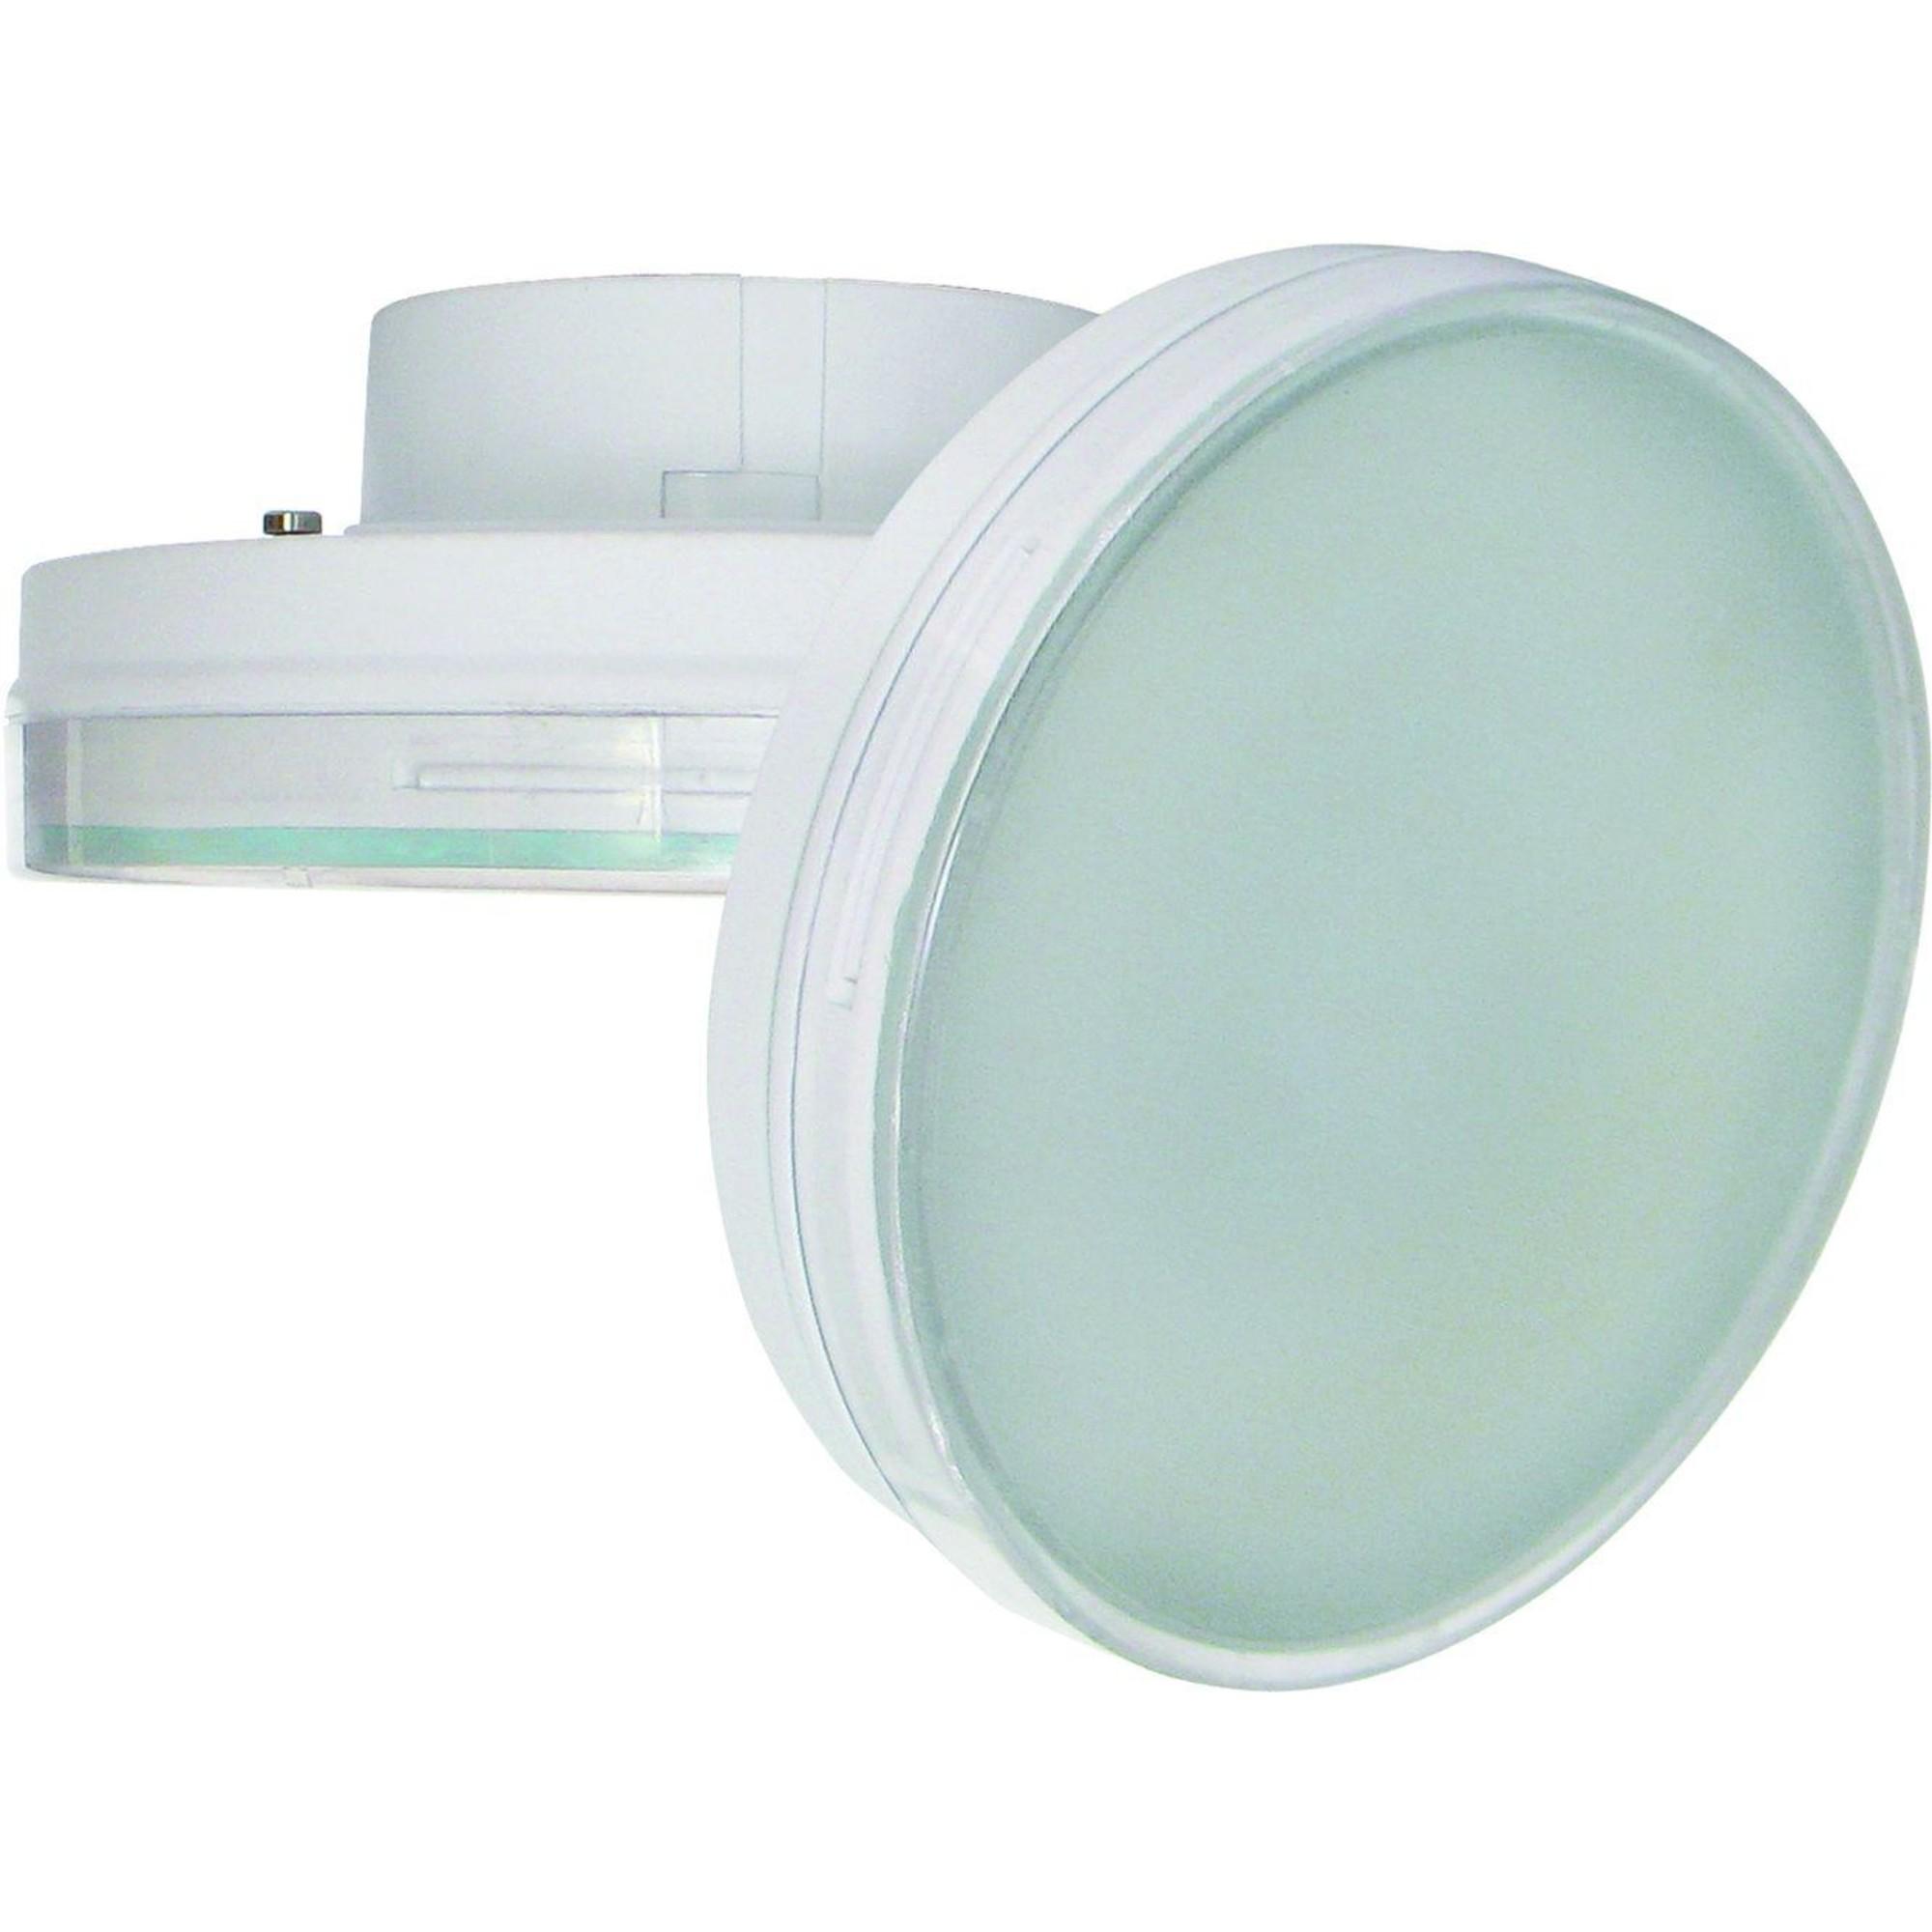 Лампа Ecola стандарт светодионая GX70 10 Вт таблетка 800 Лм холодный свет